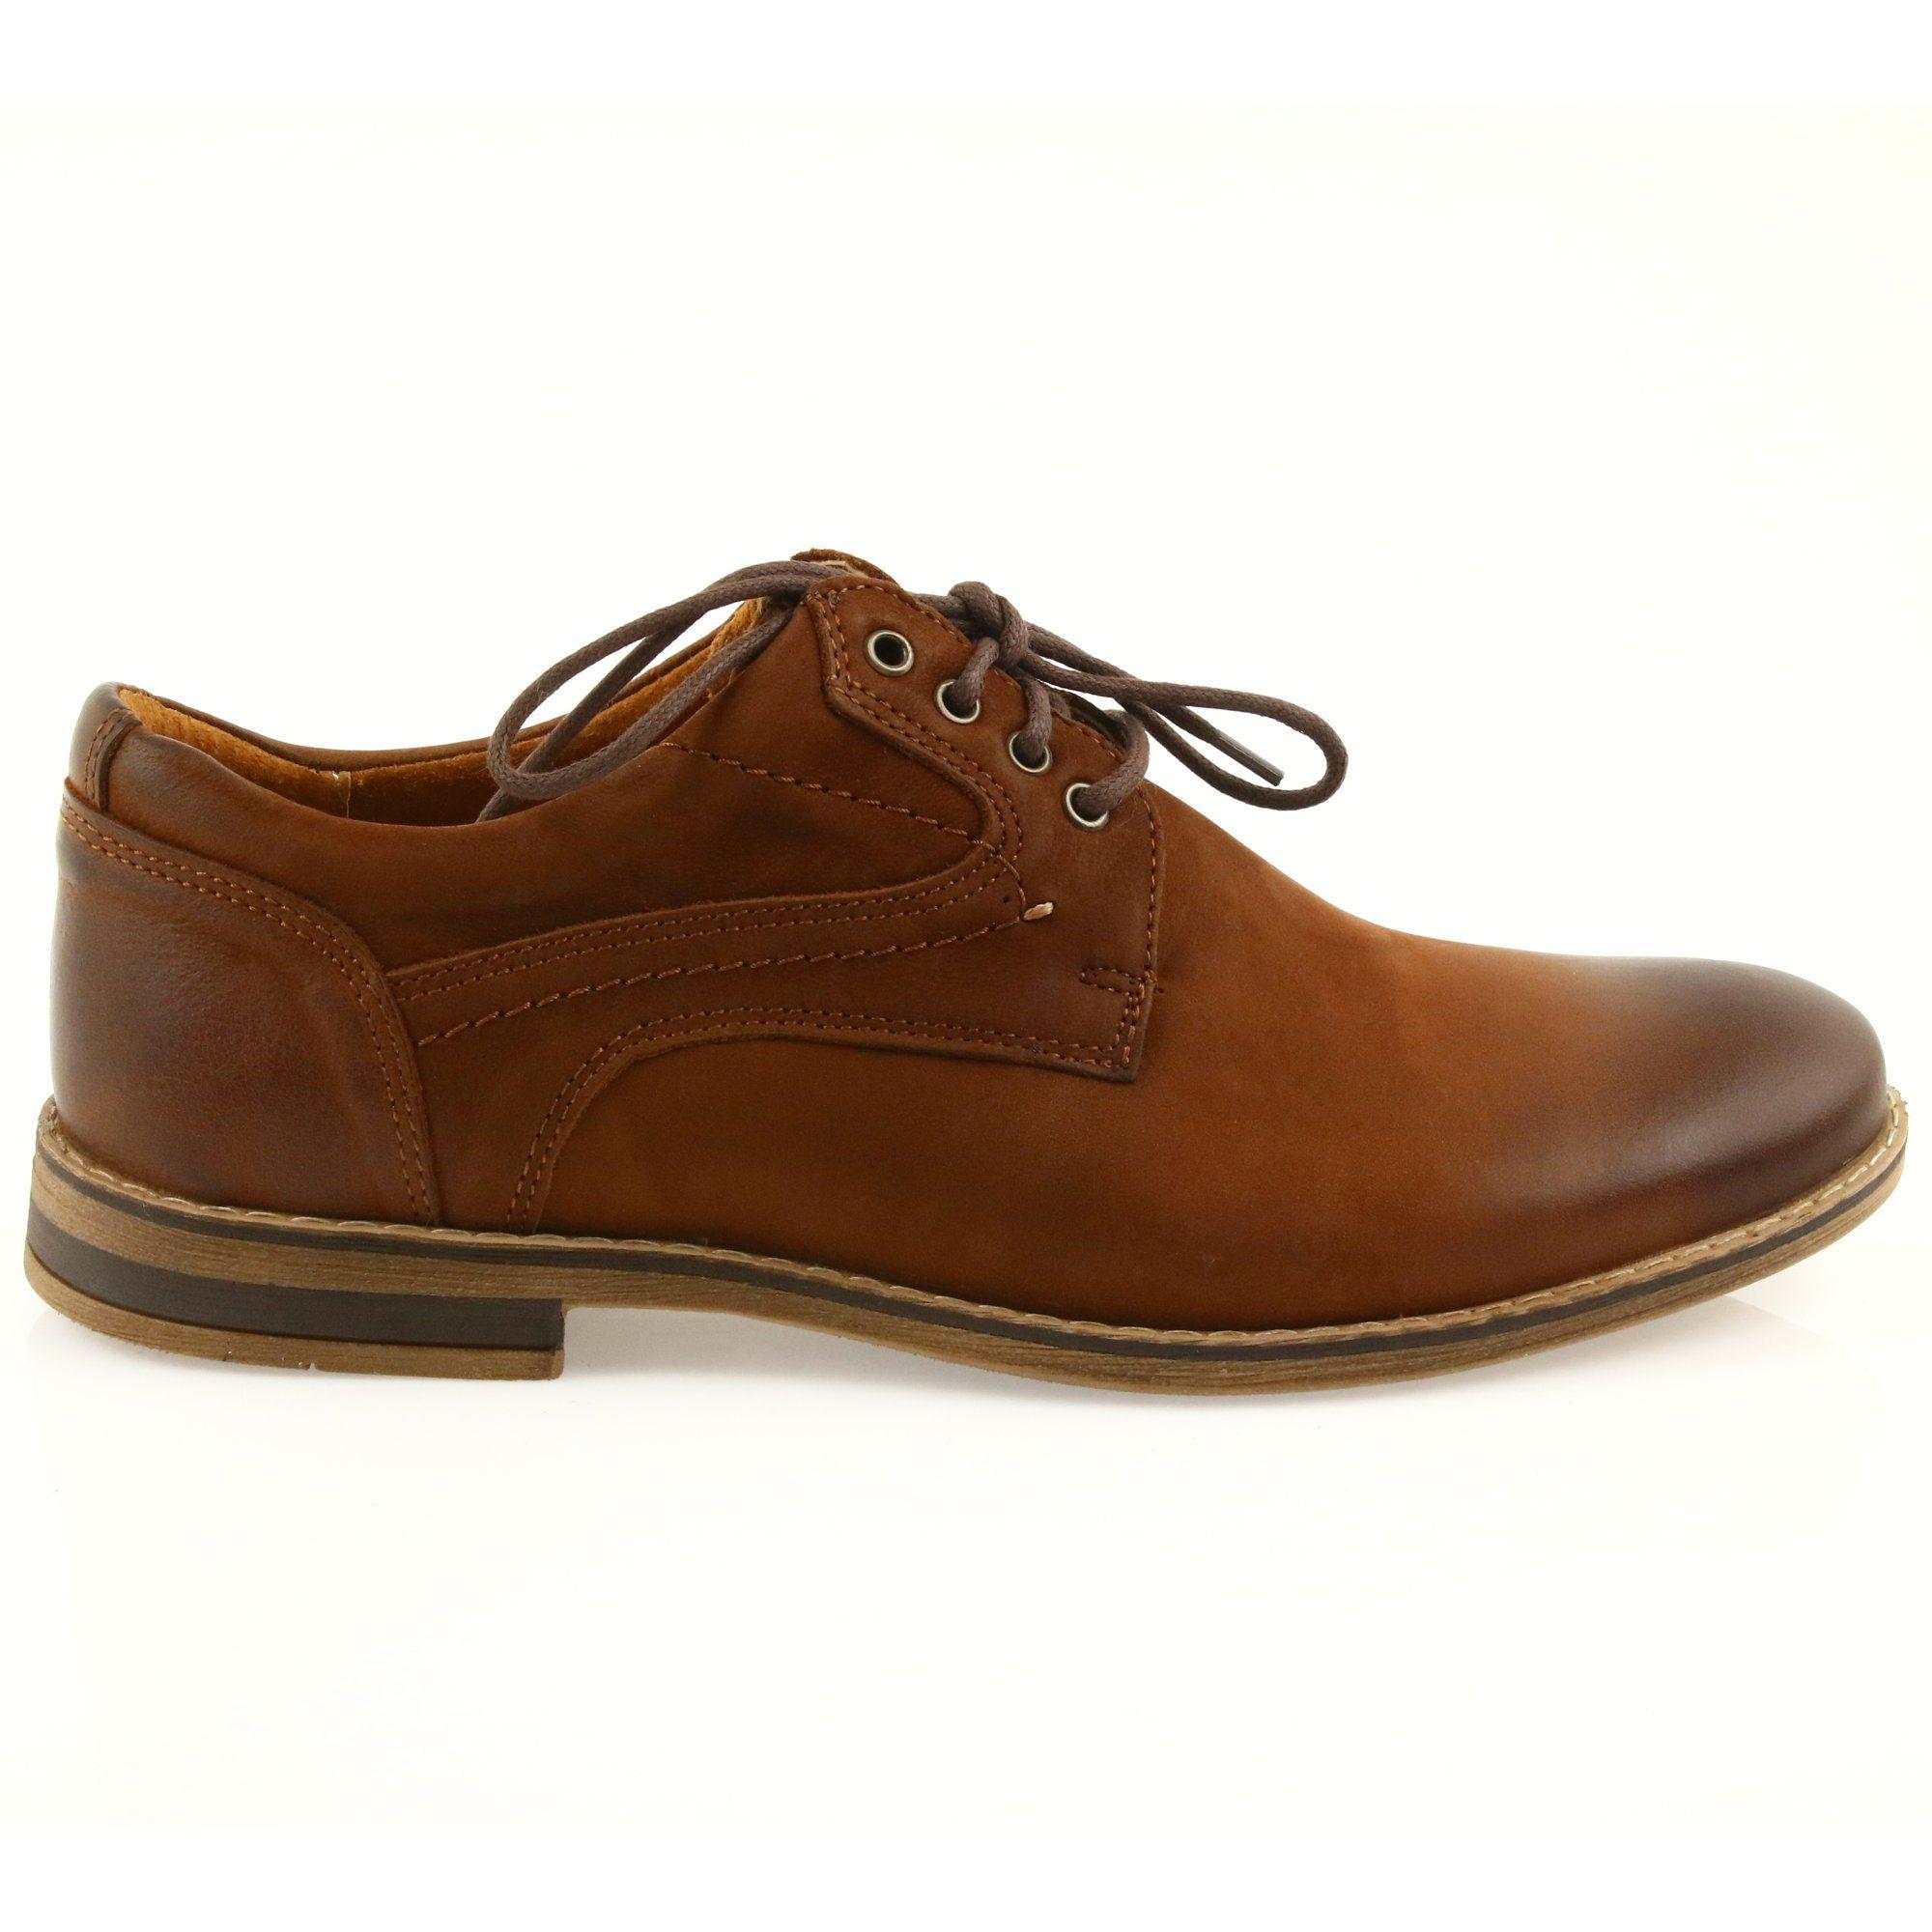 Riko Polbuty Buty Meskie Wiazane 831 Brazowe Dress Shoes Men Shoes Shoes Mens